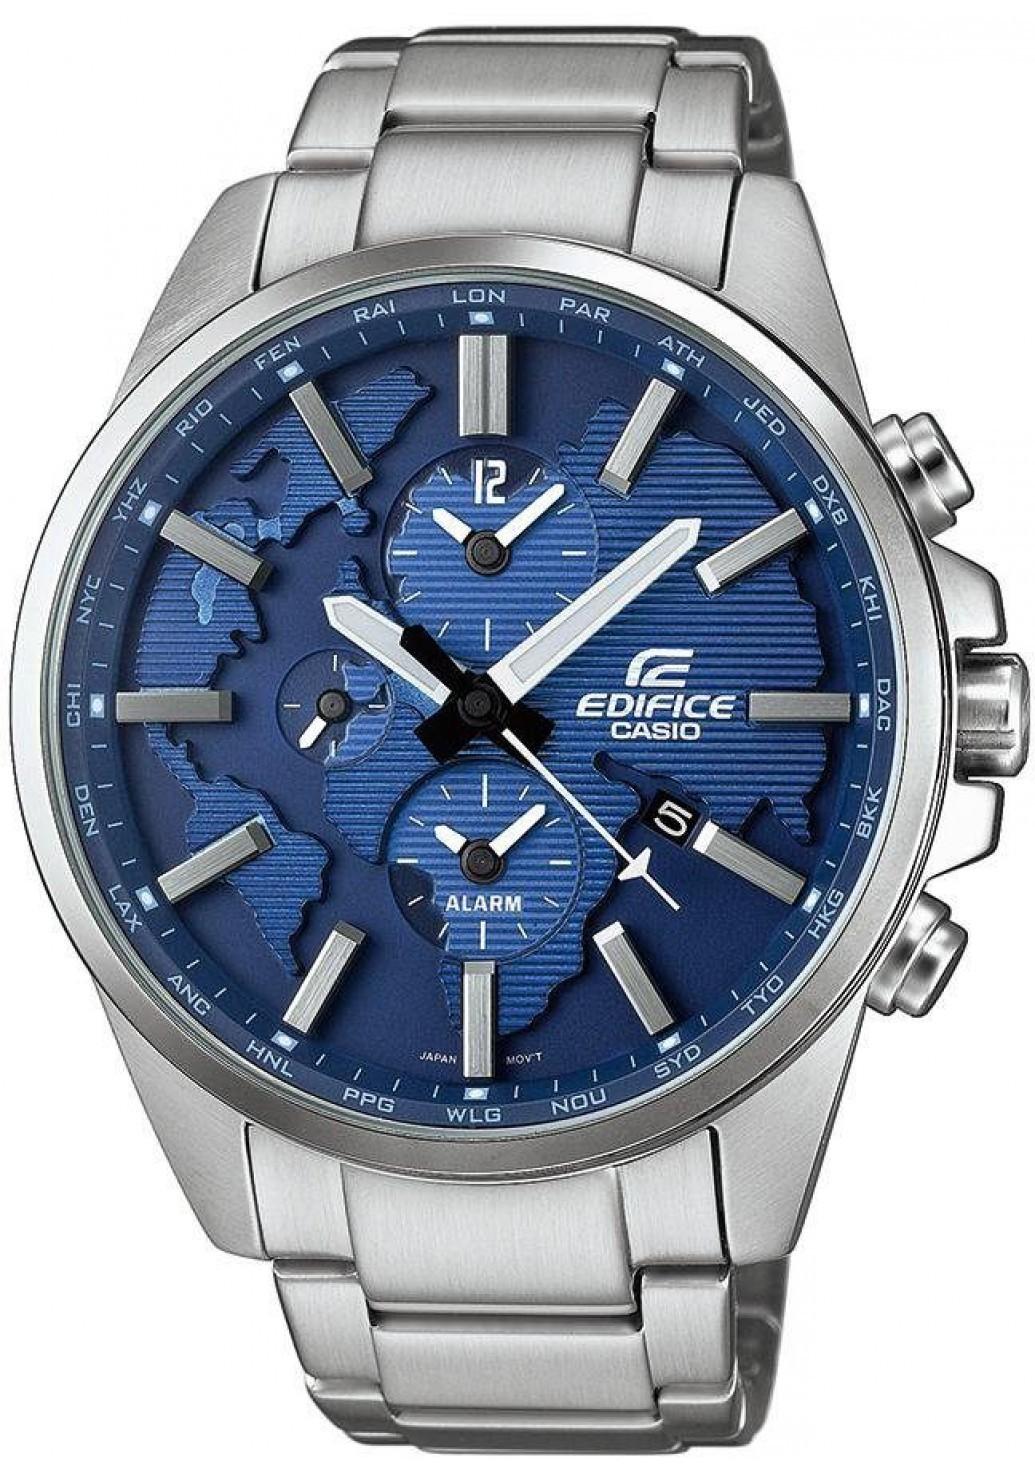 Casio Edifice ETD-300D-2A / ETD-300D-2AER - мужские наручные часыCasio<br><br><br>Бренд: Casio<br>Модель: Casio ETD-300D-2A<br>Артикул: ETD-300D-2A<br>Вариант артикула: ETD-300D-2AER<br>Коллекция: Edifice<br>Подколлекция: None<br>Страна: Япония<br>Пол: мужские<br>Тип механизма: кварцевые<br>Механизм: None<br>Количество камней: None<br>Автоподзавод: None<br>Источник энергии: от батарейки<br>Срок службы элемента питания: None<br>Дисплей: стрелки<br>Цифры: отсутствуют<br>Водозащита: WR 100<br>Противоударные: None<br>Материал корпуса: нерж. сталь<br>Материал браслета: нерж. сталь<br>Материал безеля: None<br>Стекло: минеральное<br>Антибликовое покрытие: None<br>Цвет корпуса: None<br>Цвет браслета: None<br>Цвет циферблата: None<br>Цвет безеля: None<br>Размеры: 46.3x51.8x12.9 мм<br>Диаметр: None<br>Диаметр корпуса: None<br>Толщина: None<br>Ширина ремешка: None<br>Вес: 168 г<br>Спорт-функции: None<br>Подсветка: стрелок<br>Вставка: None<br>Отображение даты: число<br>Хронограф: None<br>Таймер: None<br>Термометр: None<br>Хронометр: None<br>GPS: None<br>Радиосинхронизация: None<br>Барометр: None<br>Скелетон: None<br>Дополнительная информация: элемент питания SR927W<br>Дополнительные функции: индикатор запаса хода, второй часовой пояс, будильник (количество установок: 1)